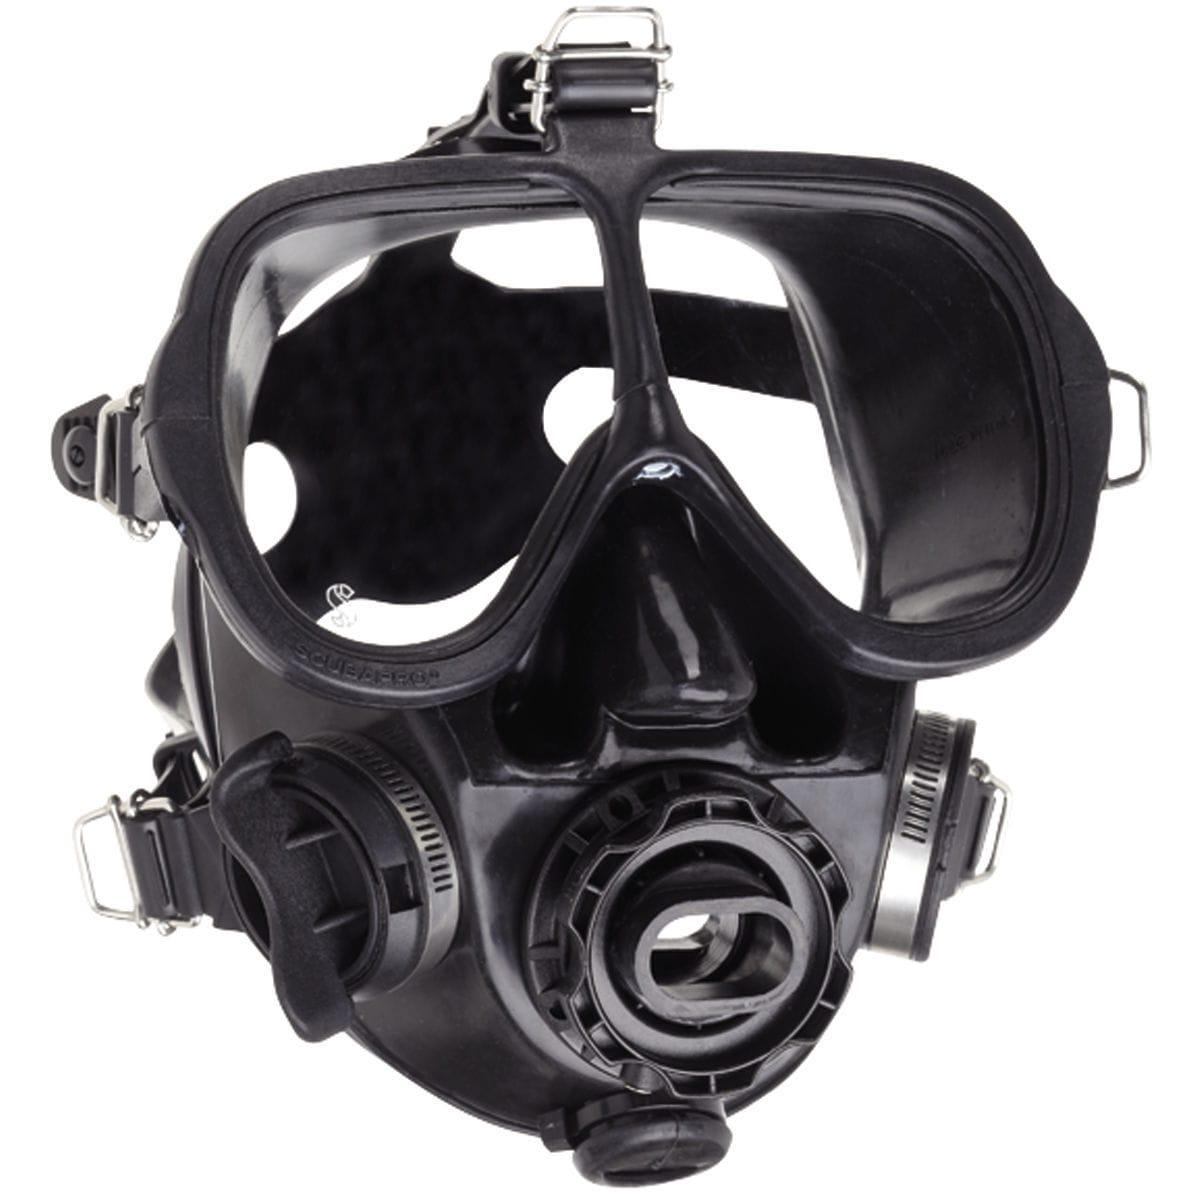 38c67ba9f Máscara de mergulho facial integral - BLACK - Scubapro